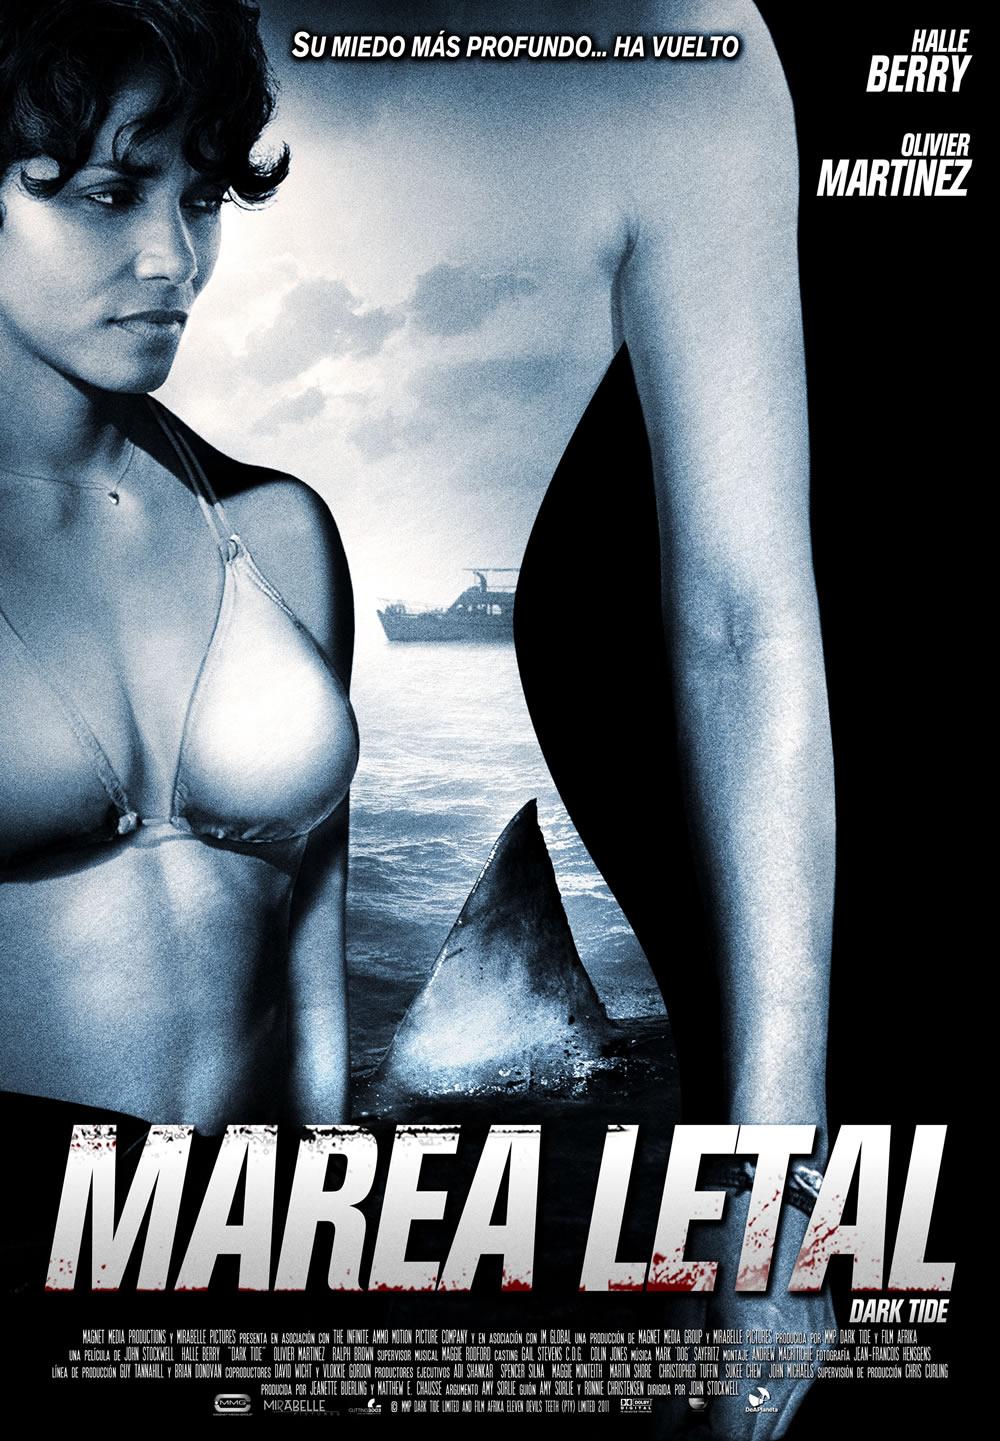 http://4.bp.blogspot.com/-rtieUJm_b9E/Uig5LdwqK4I/AAAAAAAAEPc/Um31DTty7EU/s1600/Marea+letal+(2012)+(04.09.13).jpg